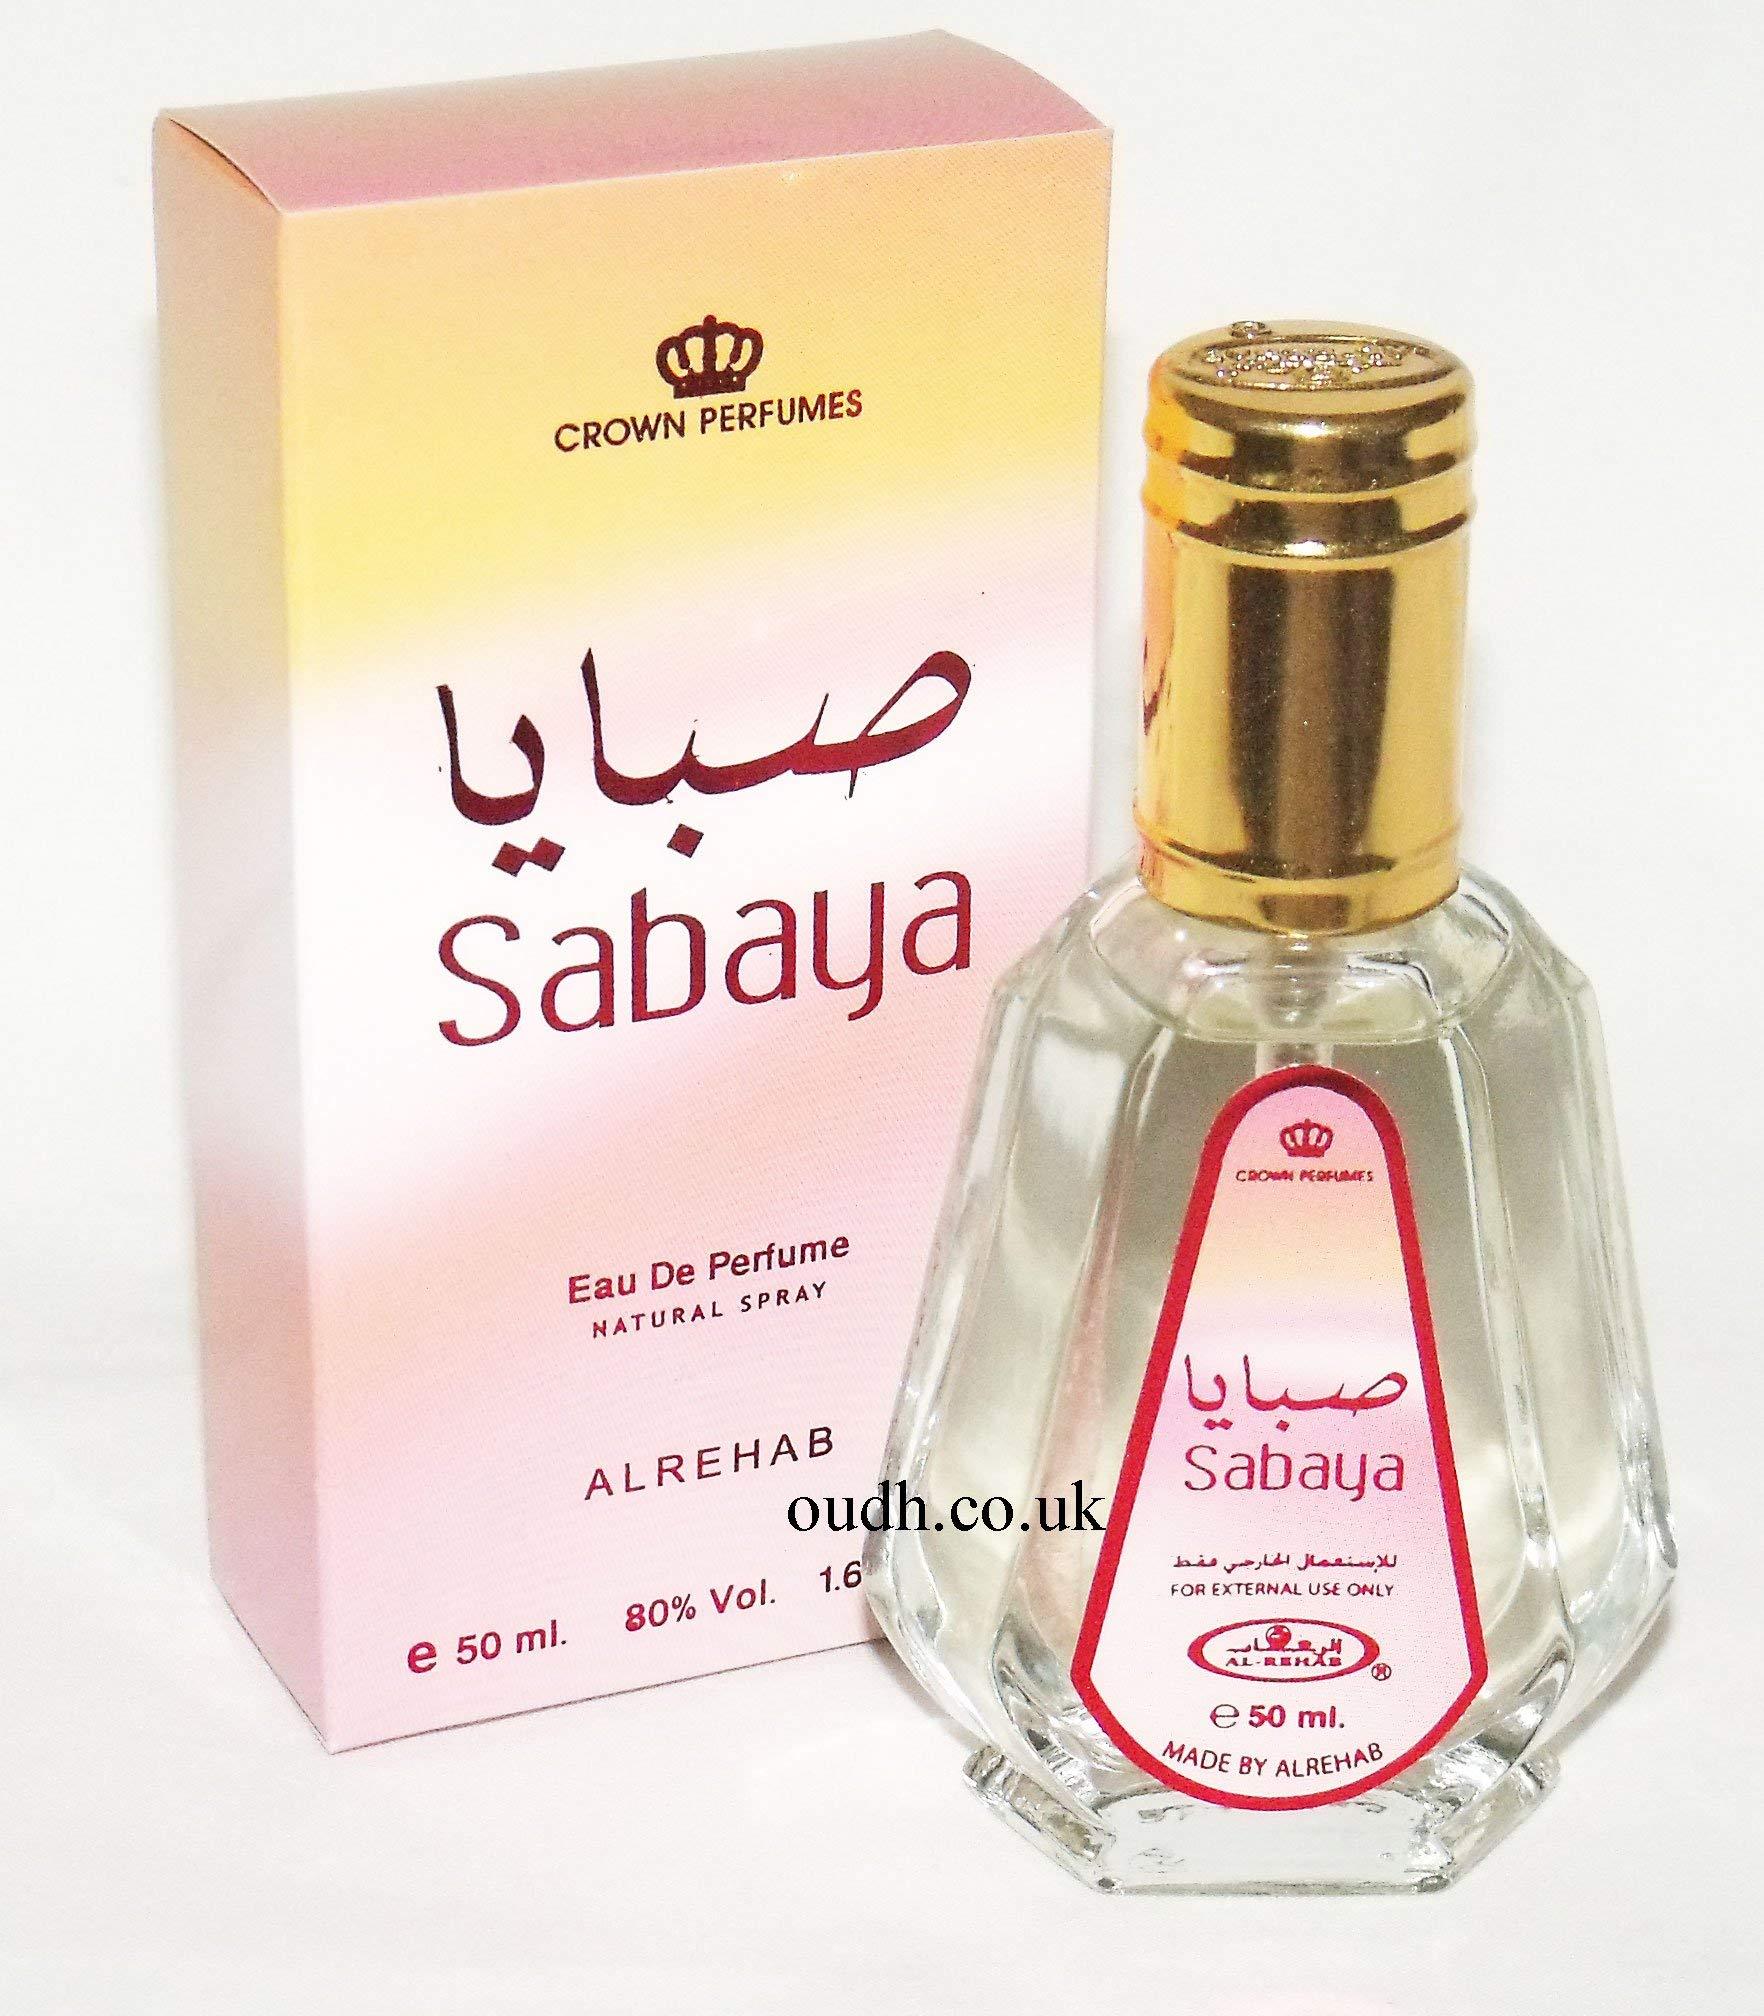 comprar perfumes al rehab